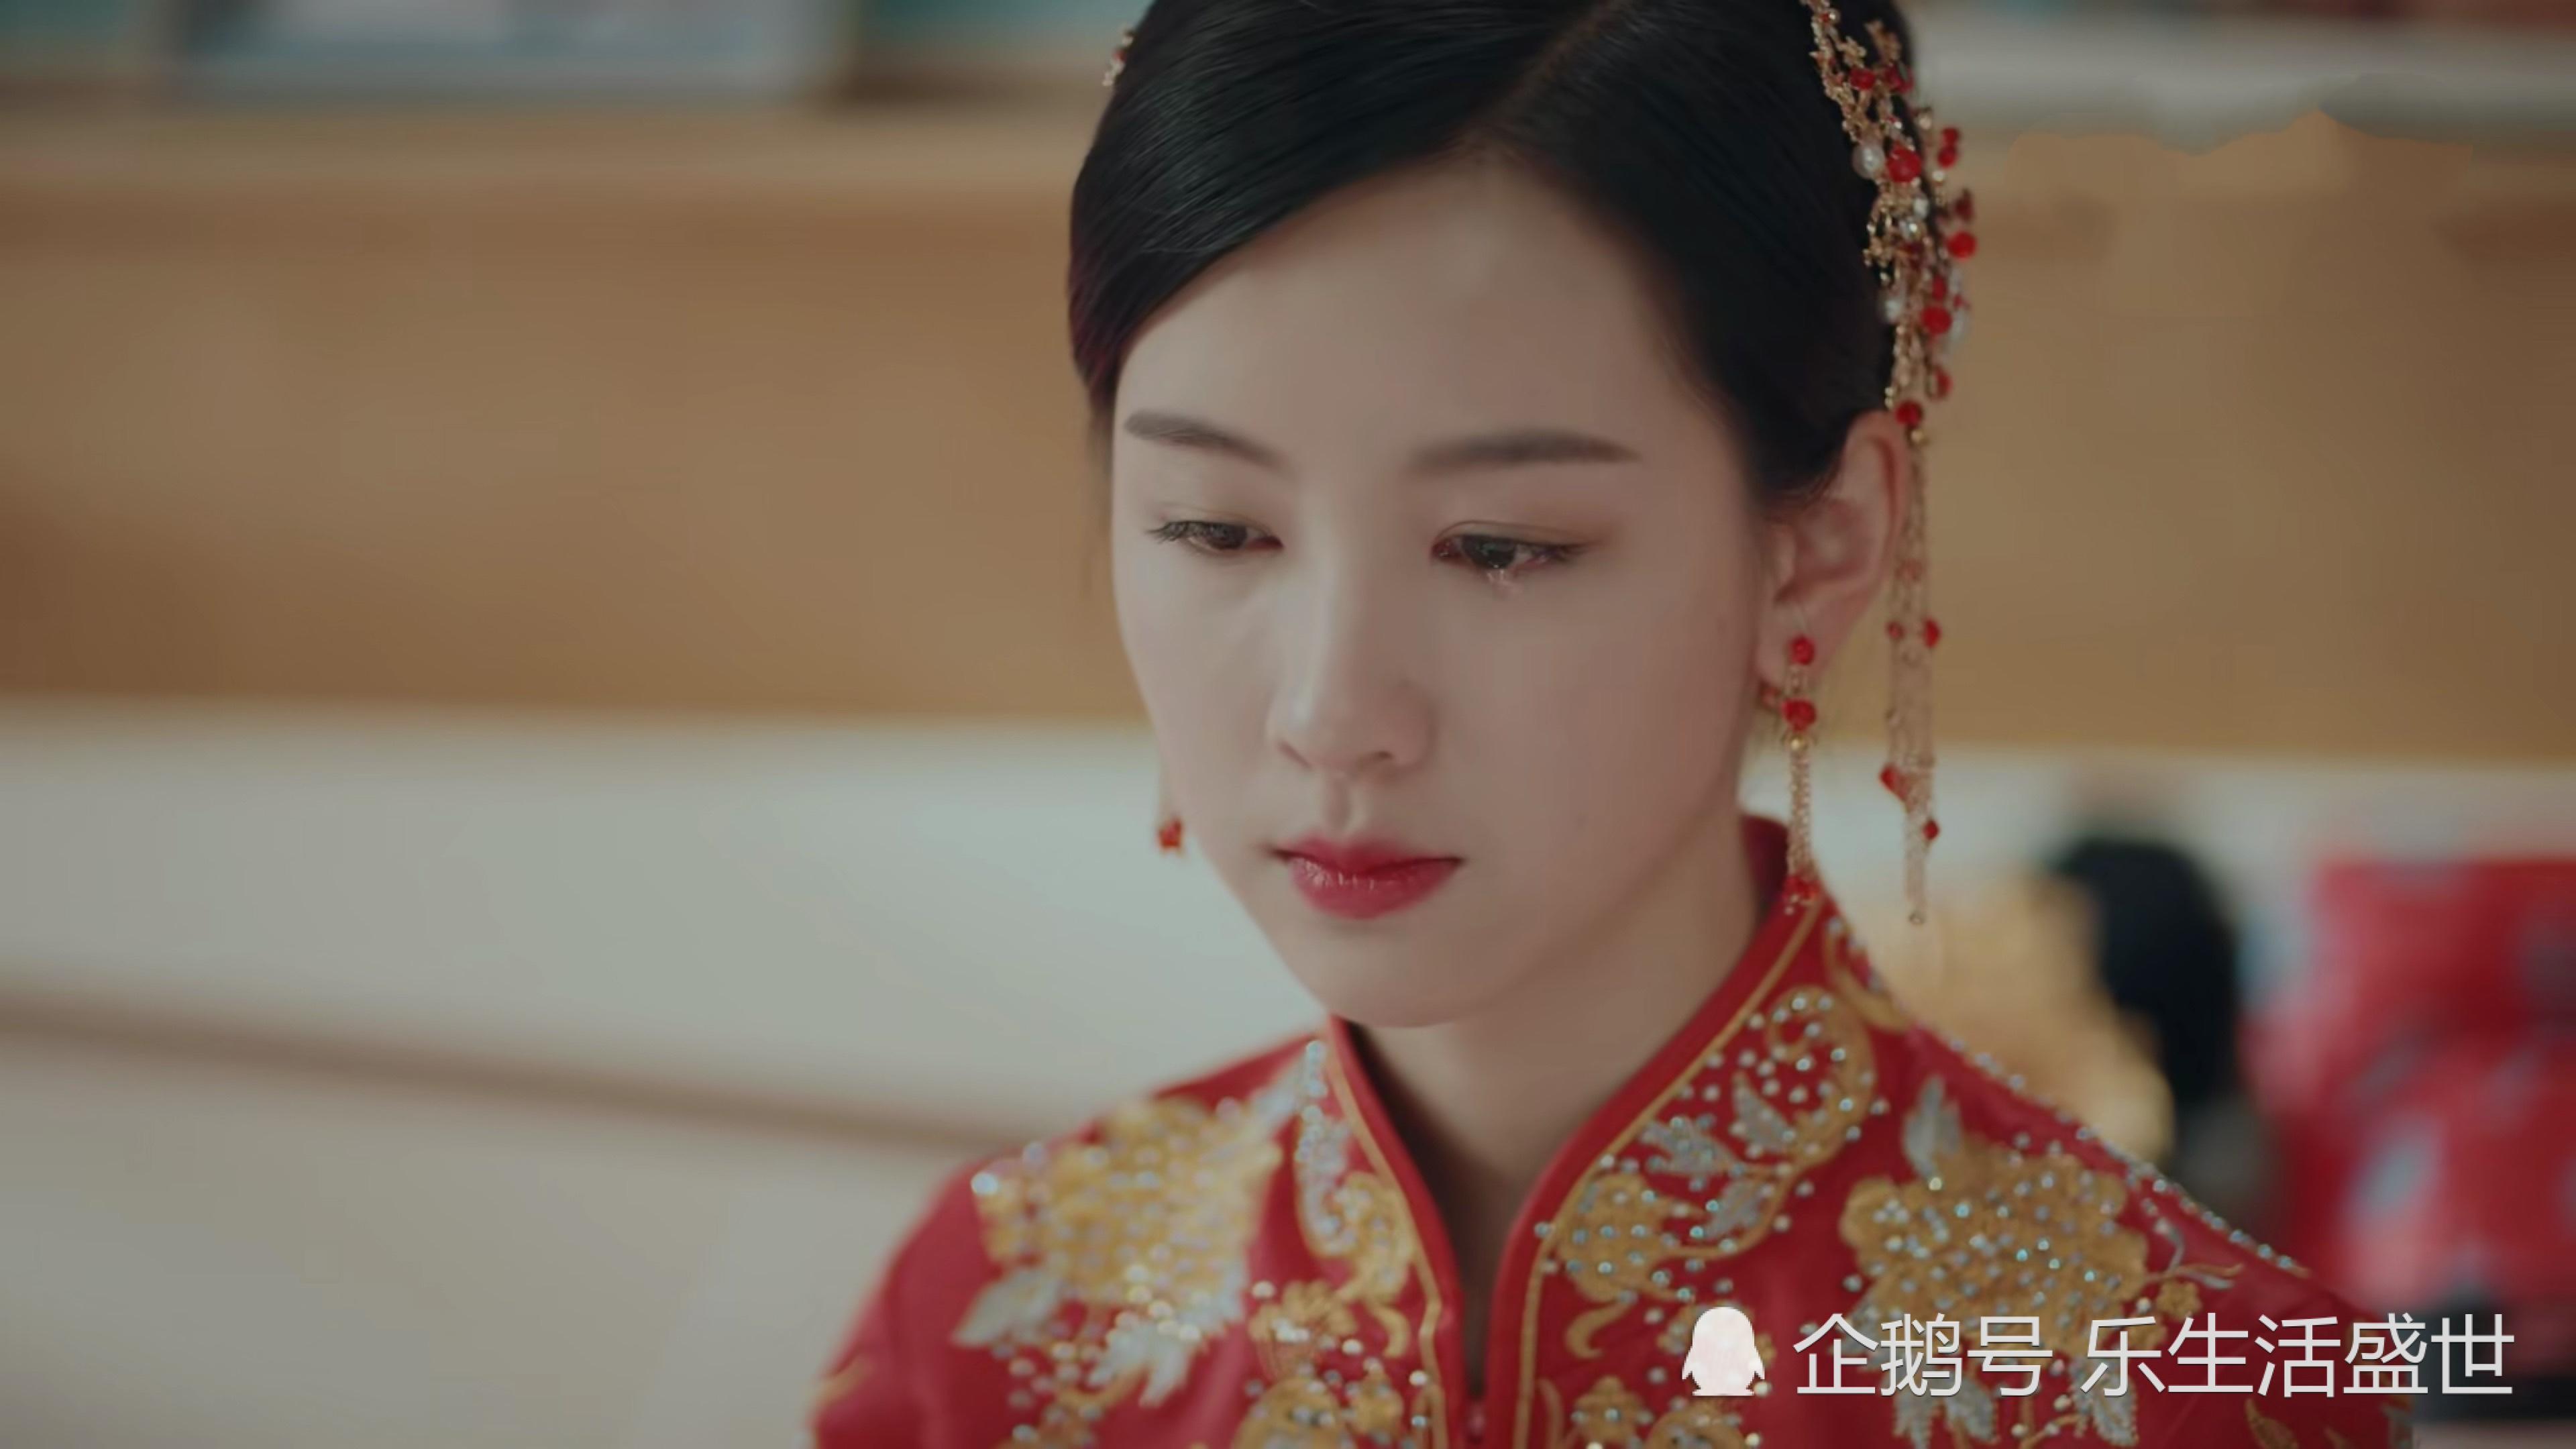 七月婚礼被抛弃,她的红色嫁衣很惊艳,陈都灵气质独特成最美新娘